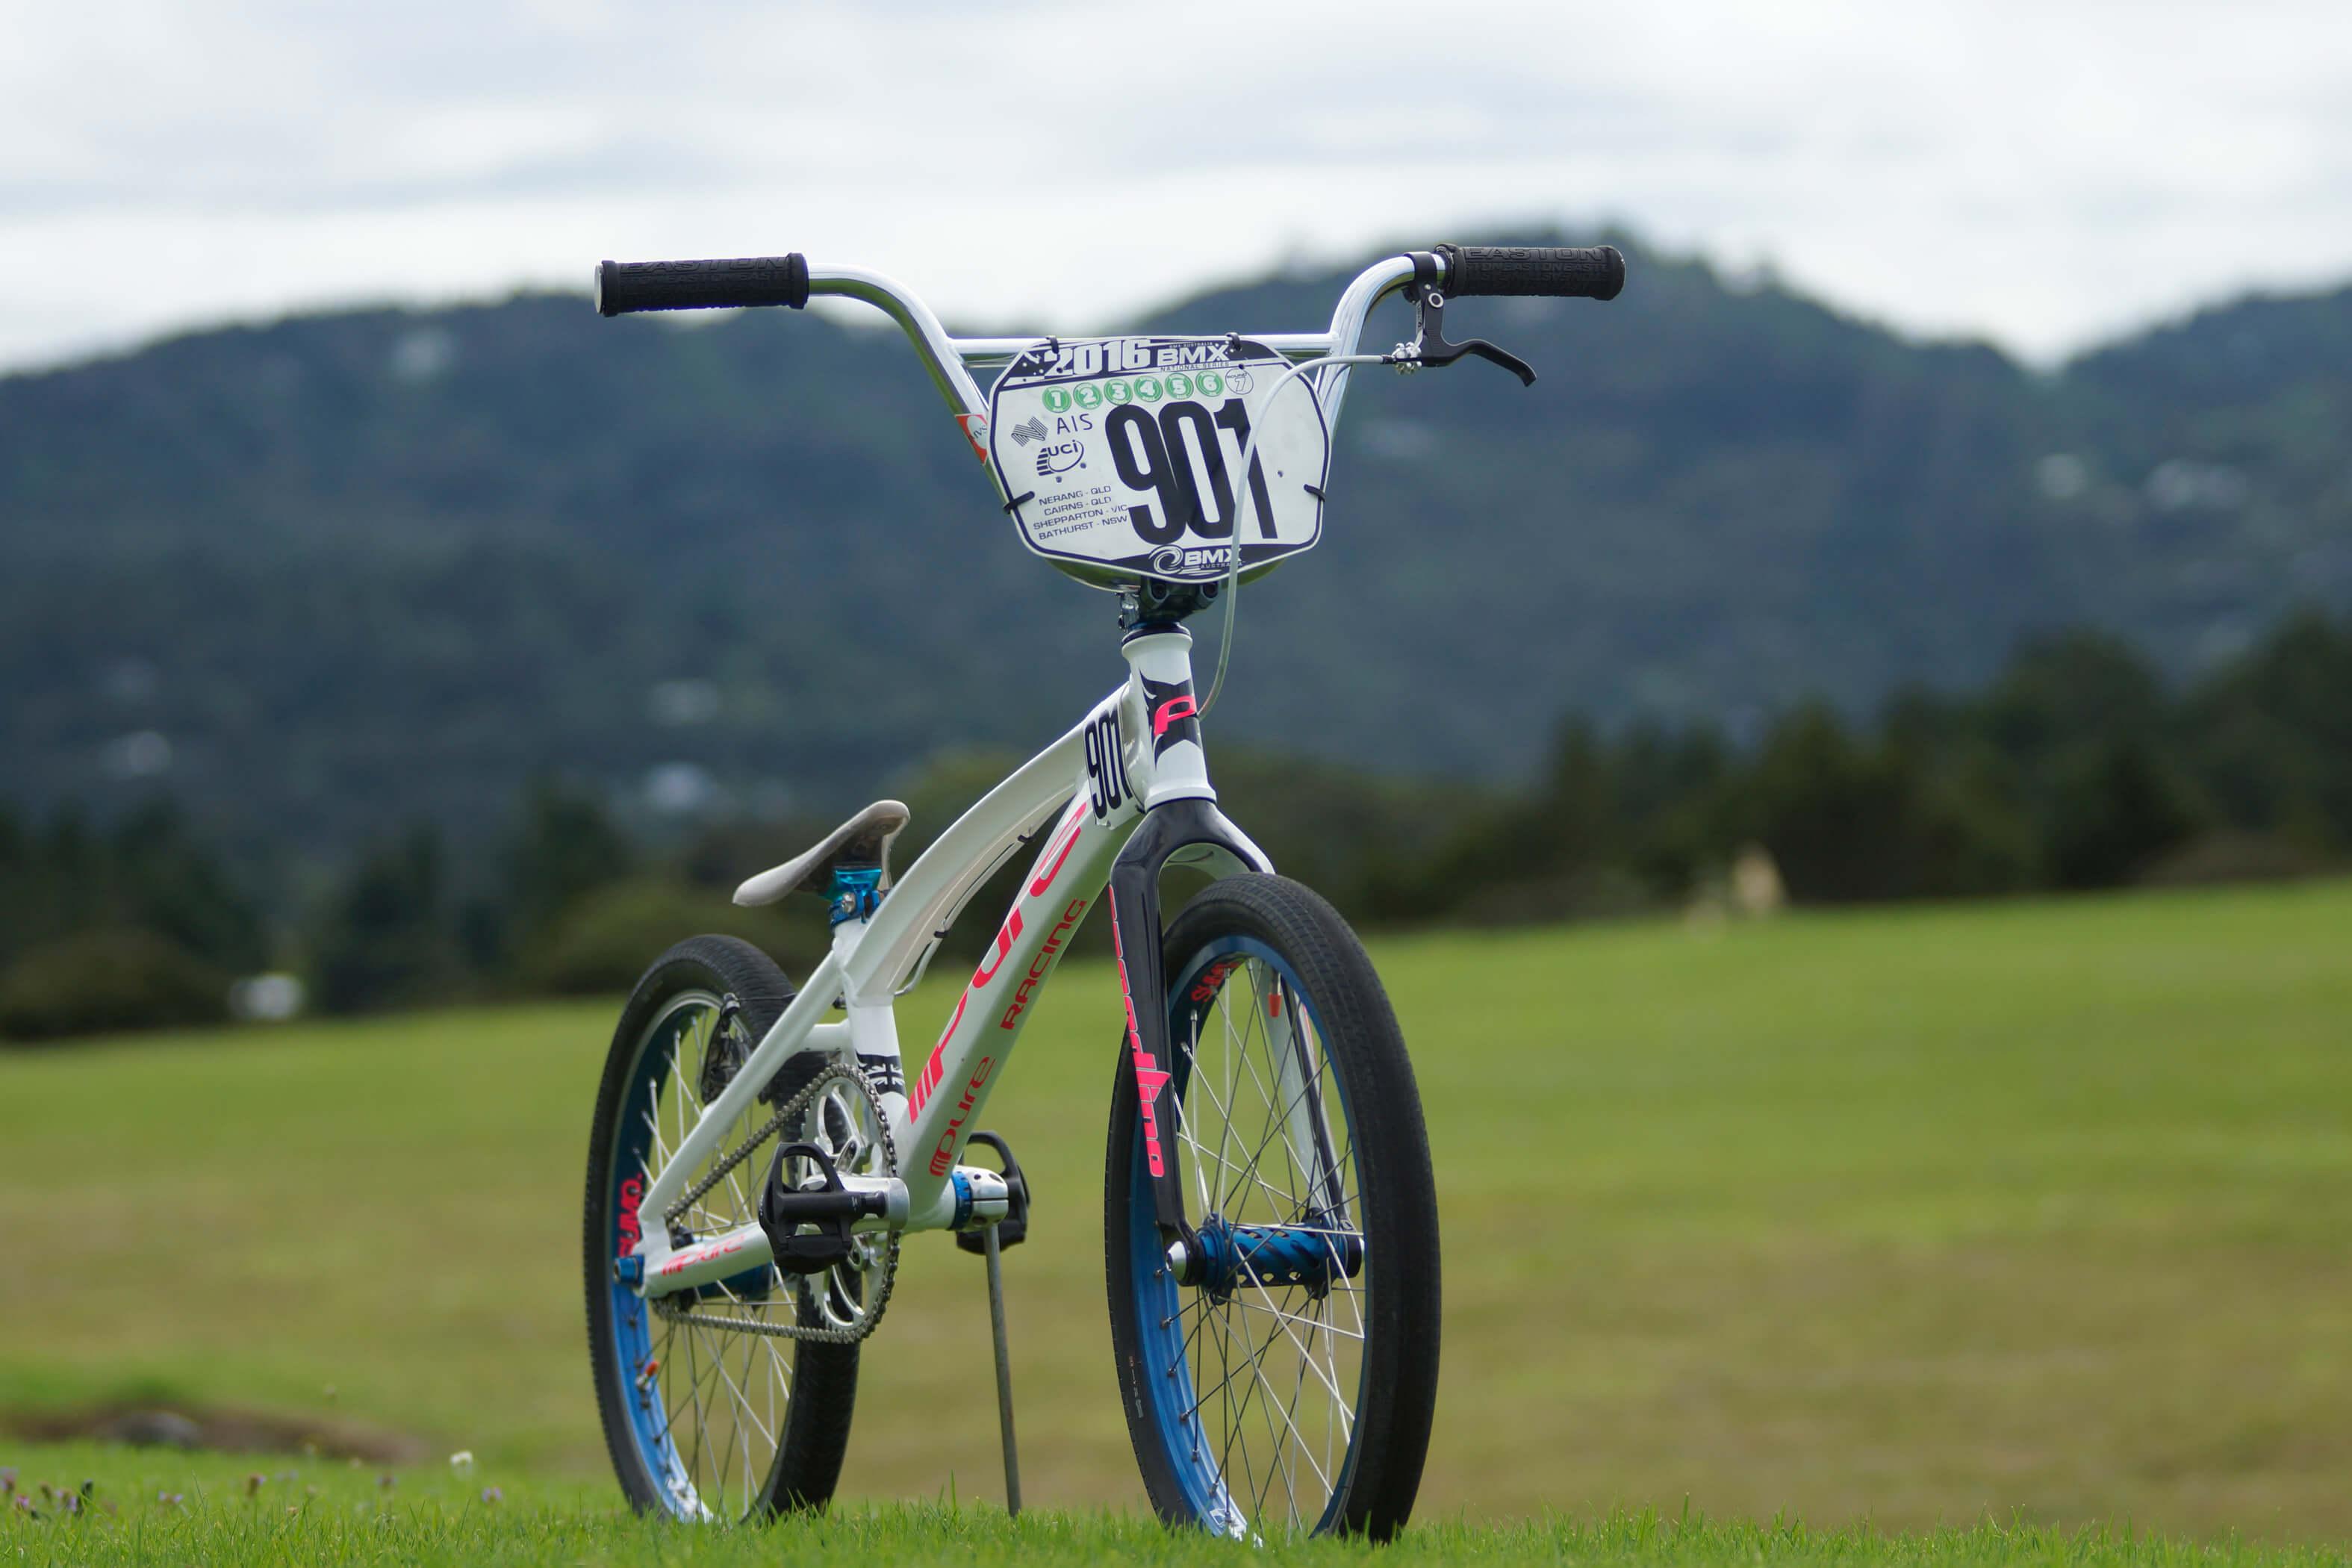 Michael Bias Bike Check